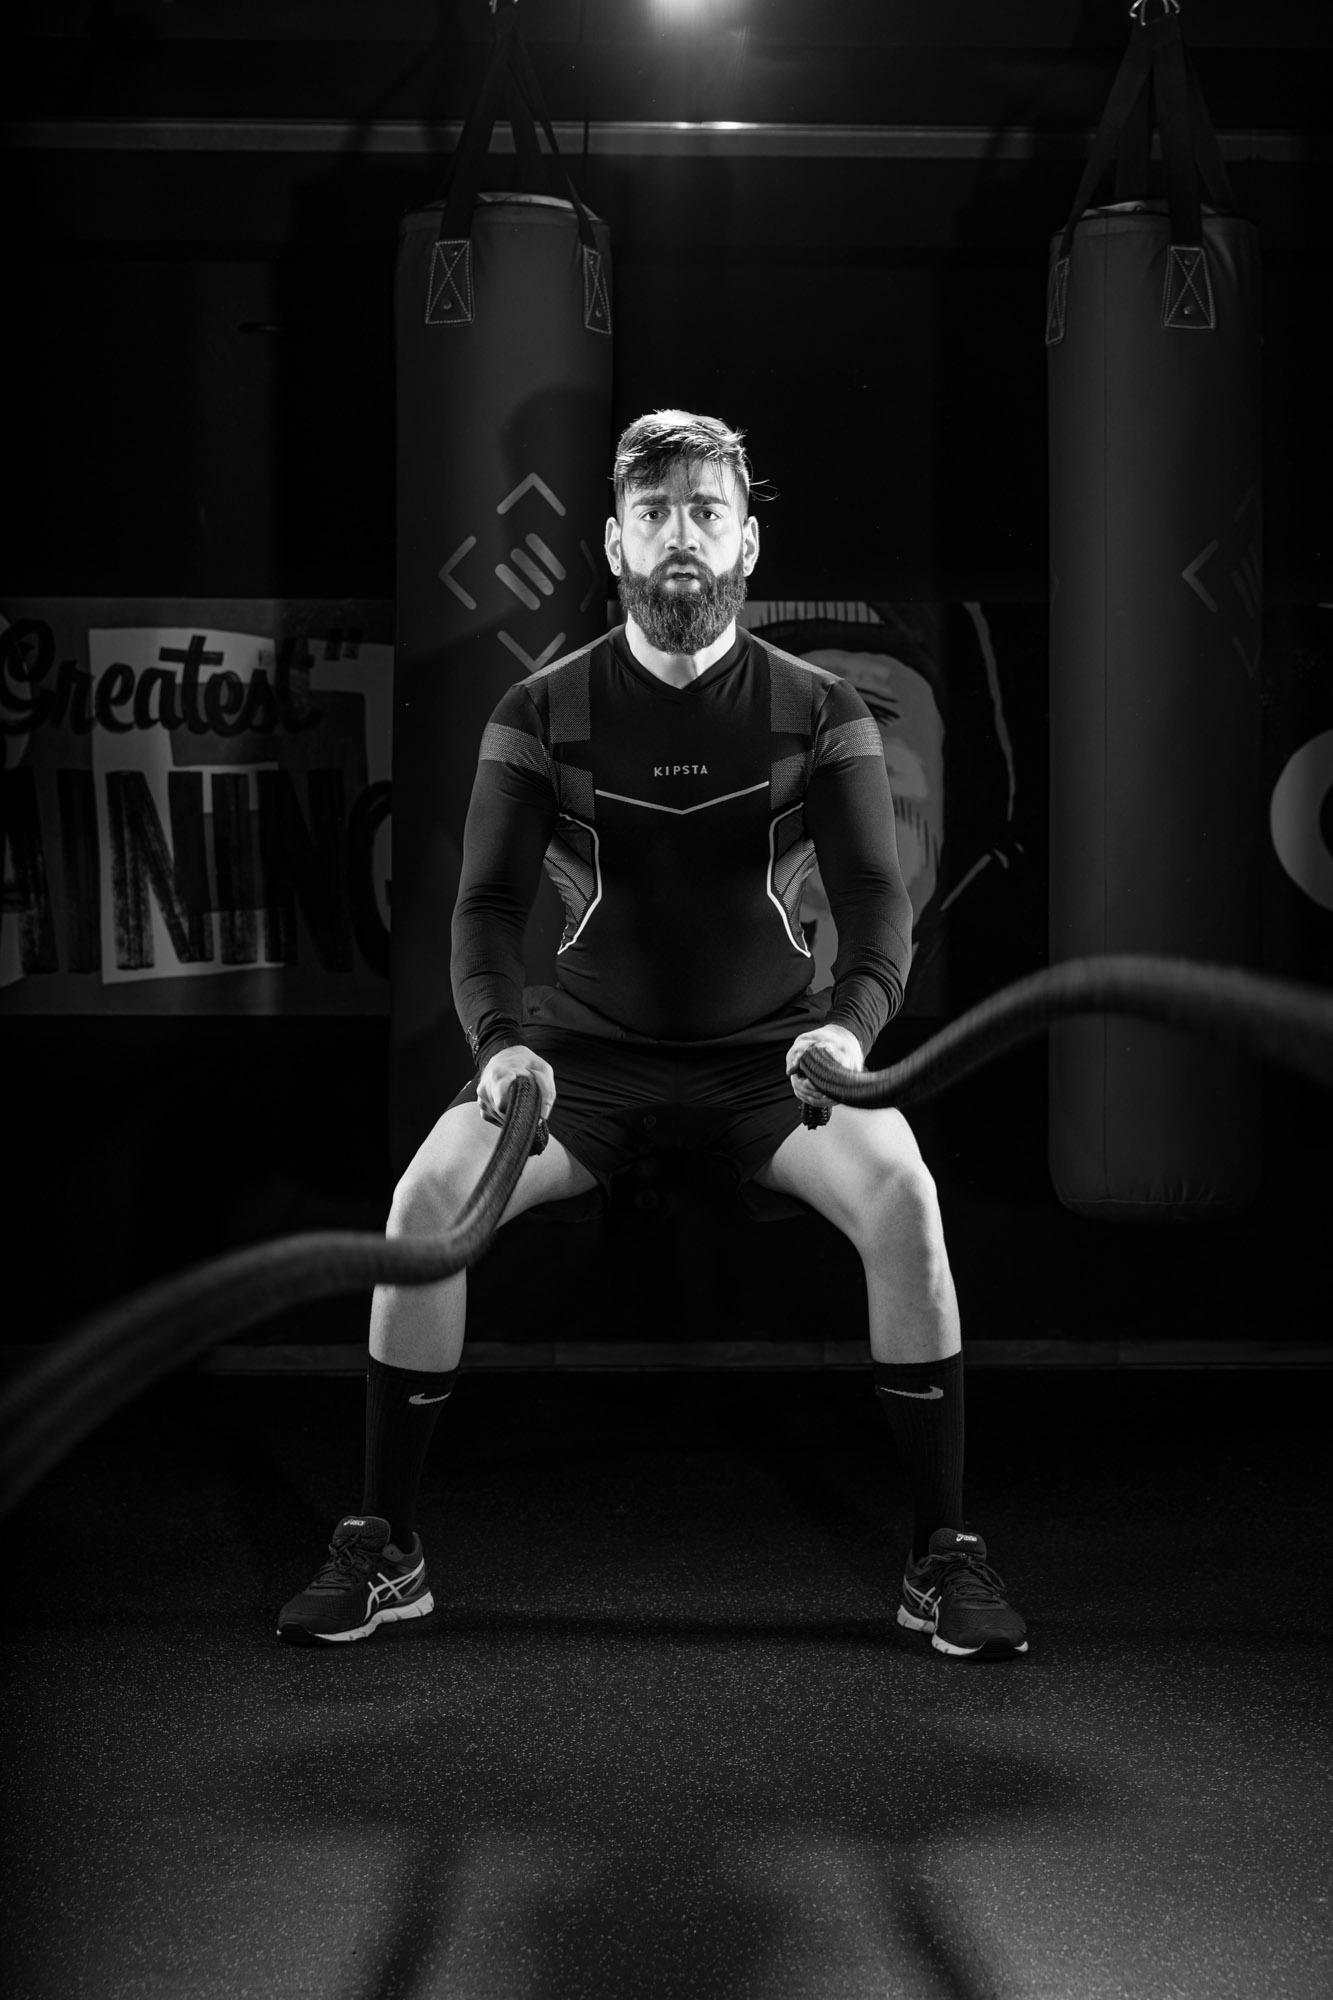 Fotografía en sala de fitness con cinco luces en sala de fitness